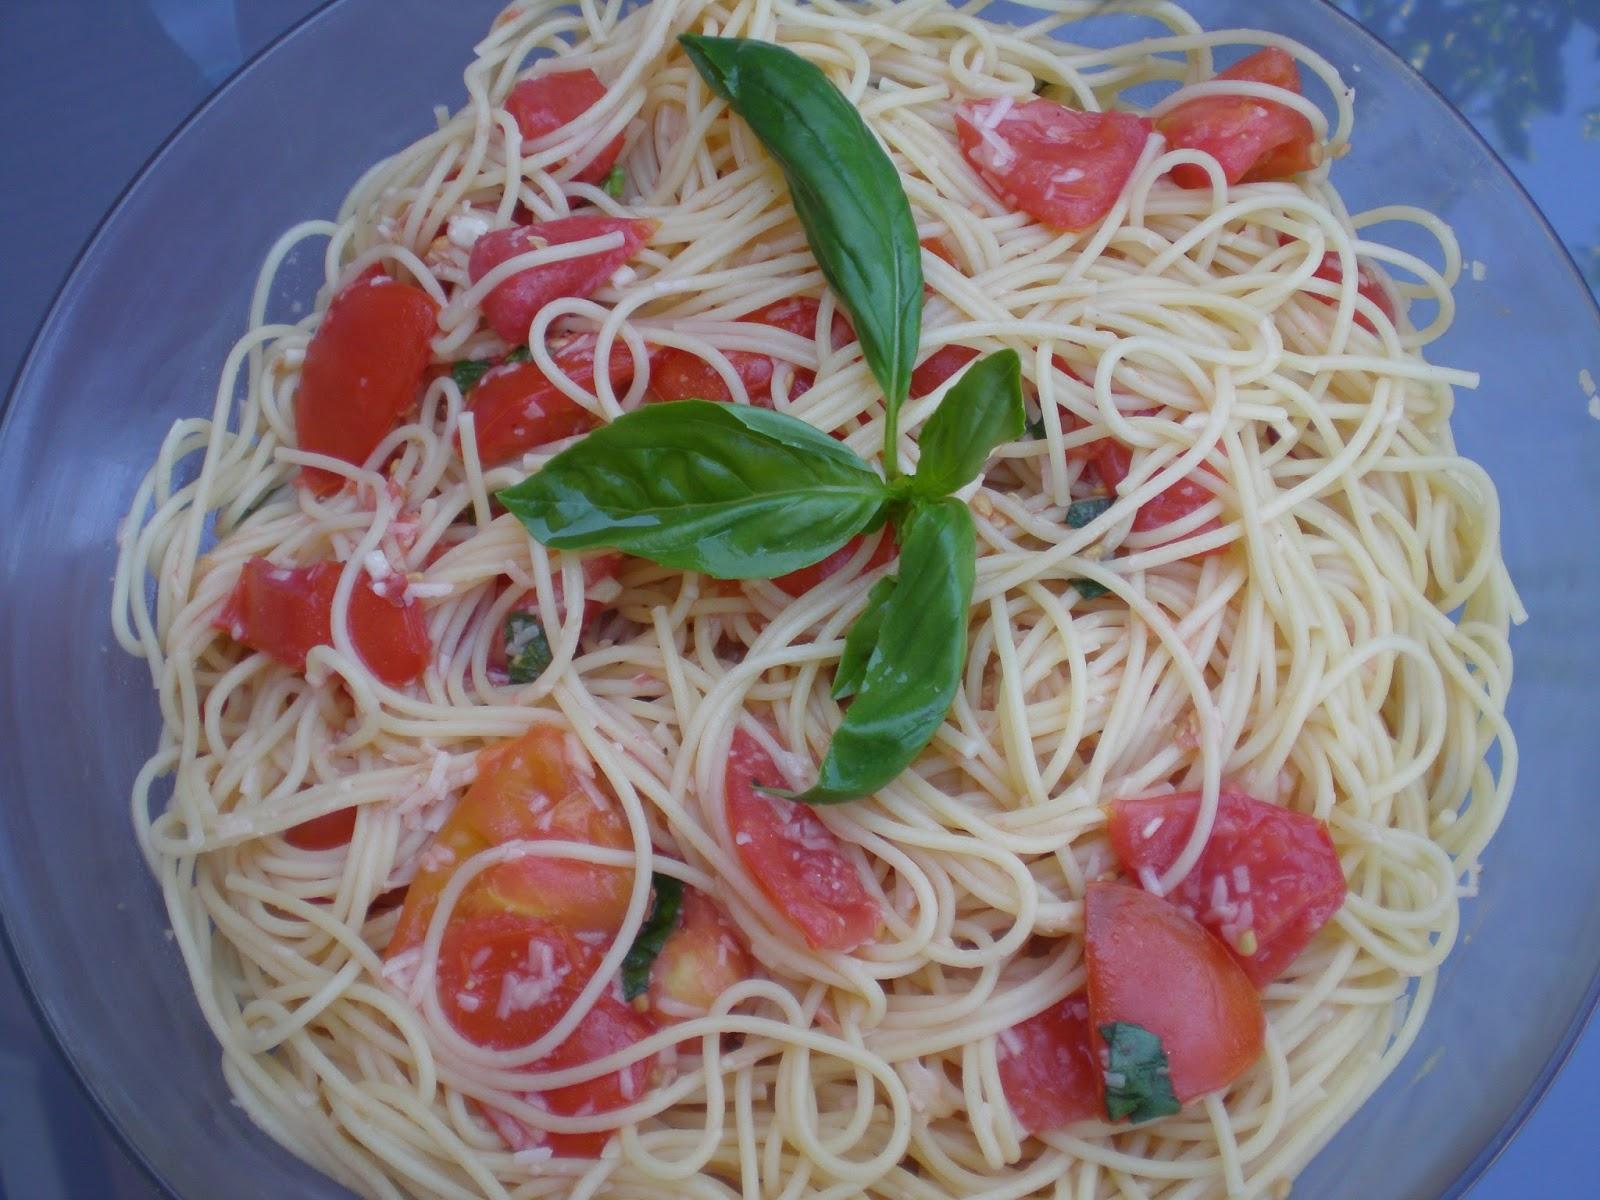 Hausfrau sommergartenpasta spaghetti mit roher tomatensauce for Ina garten summer garden pasta